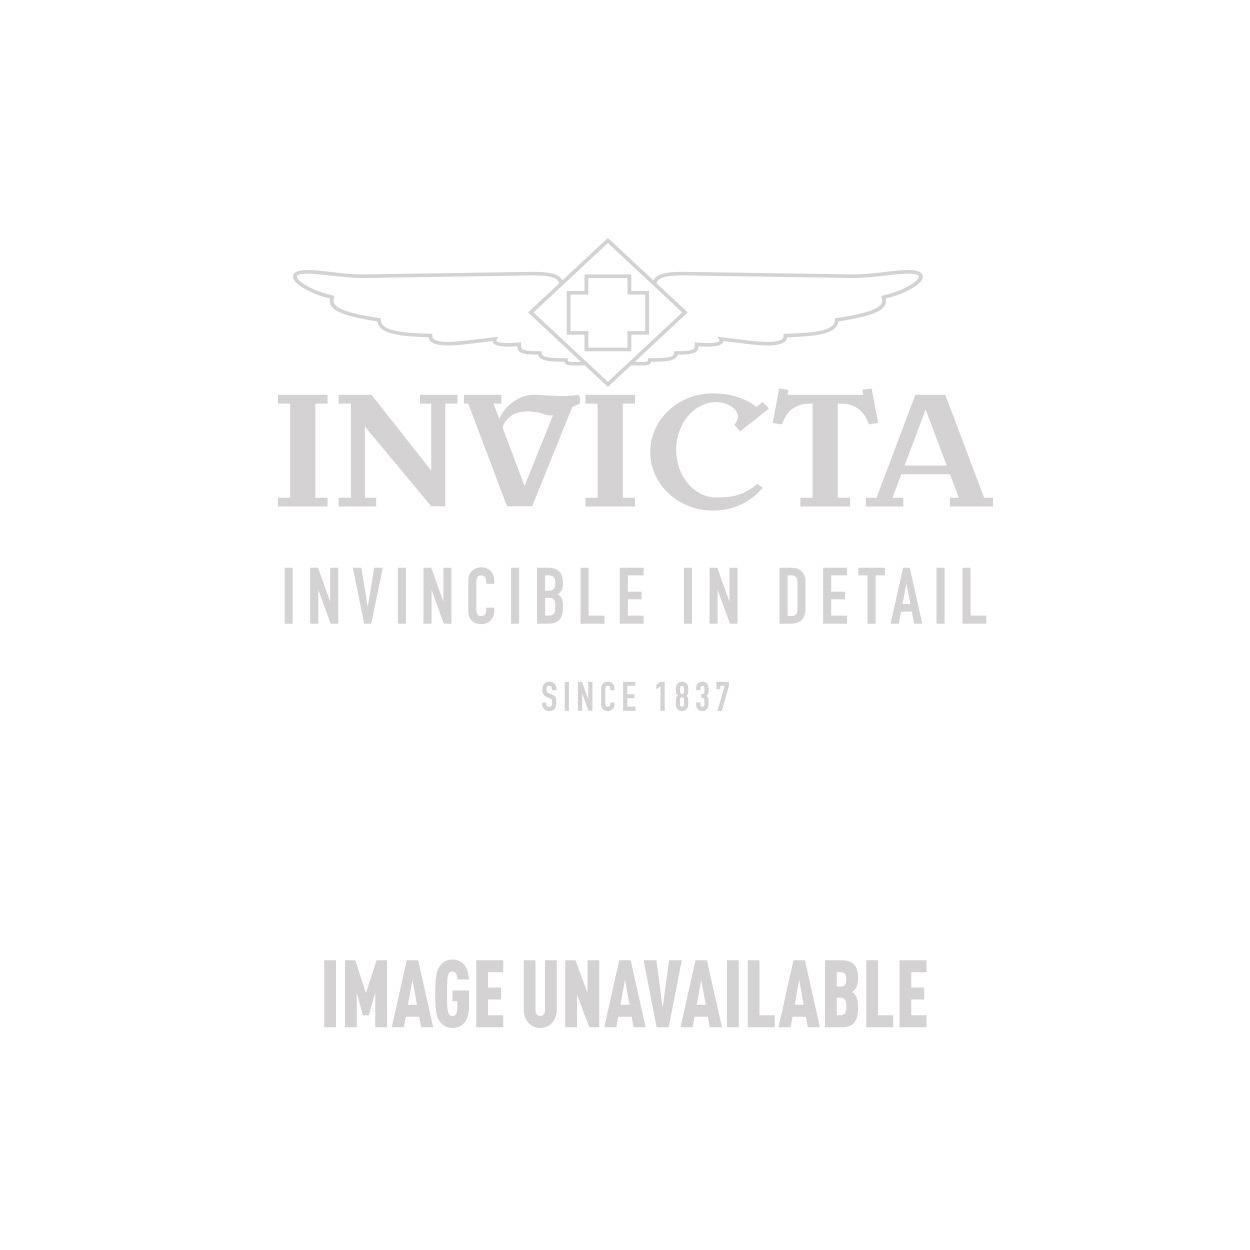 Invicta Model 29248